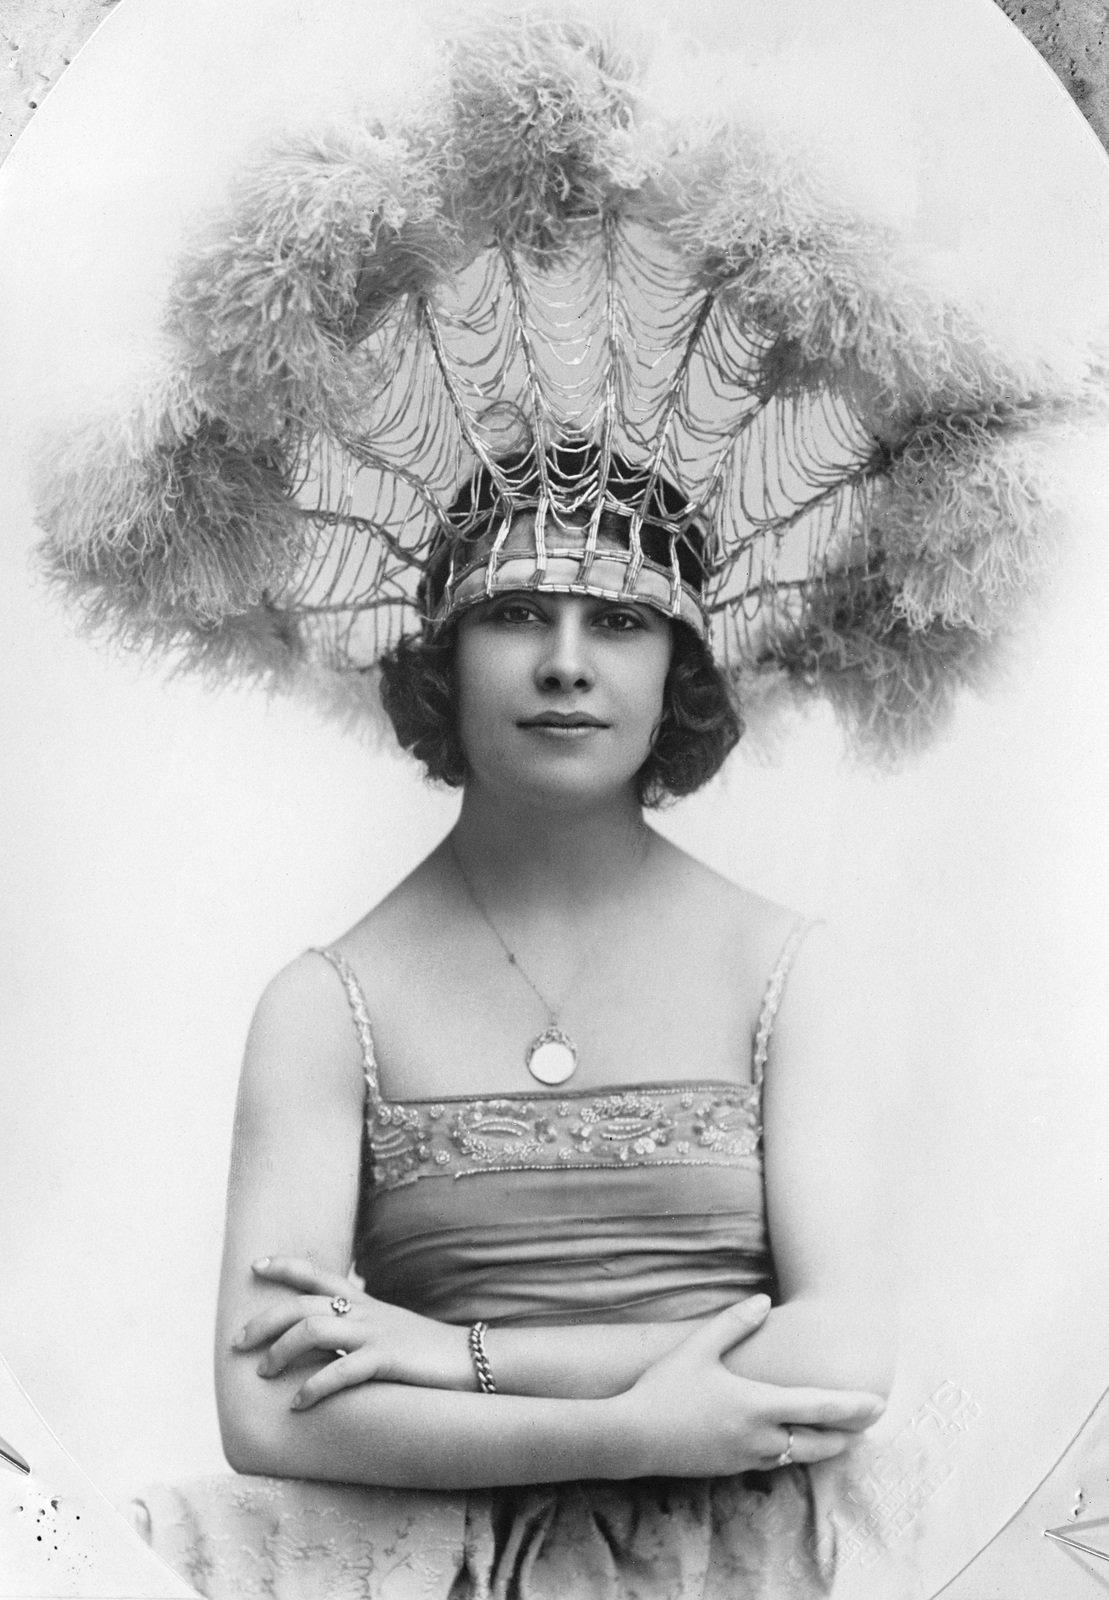 'La Yanqui', 21 August 1926, Unknown, Topfoto.co.uk, In Copyright